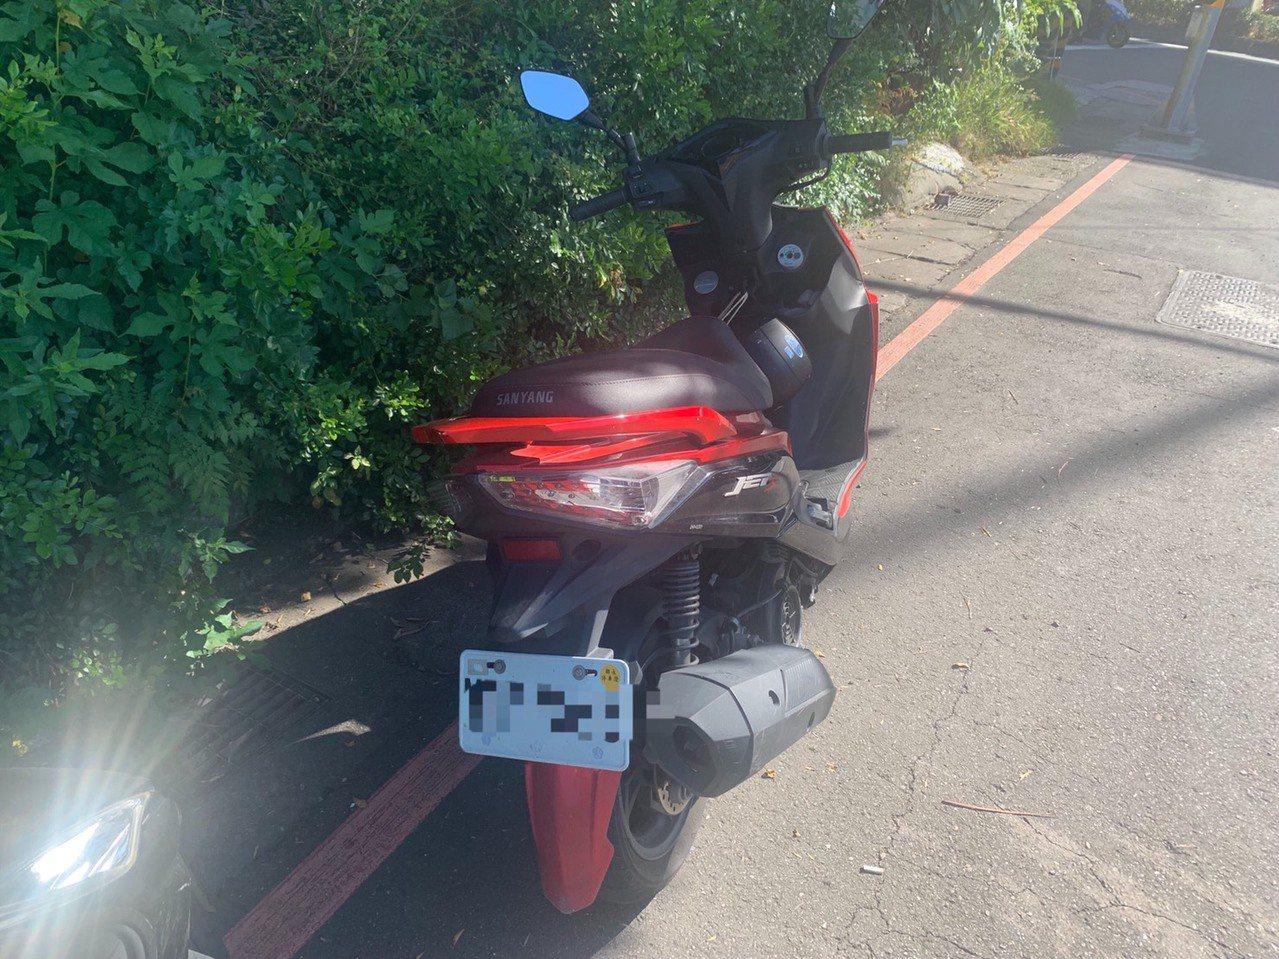 警方先在遊覽車停車場旁找到李男的機車。記者林昭彰/翻攝